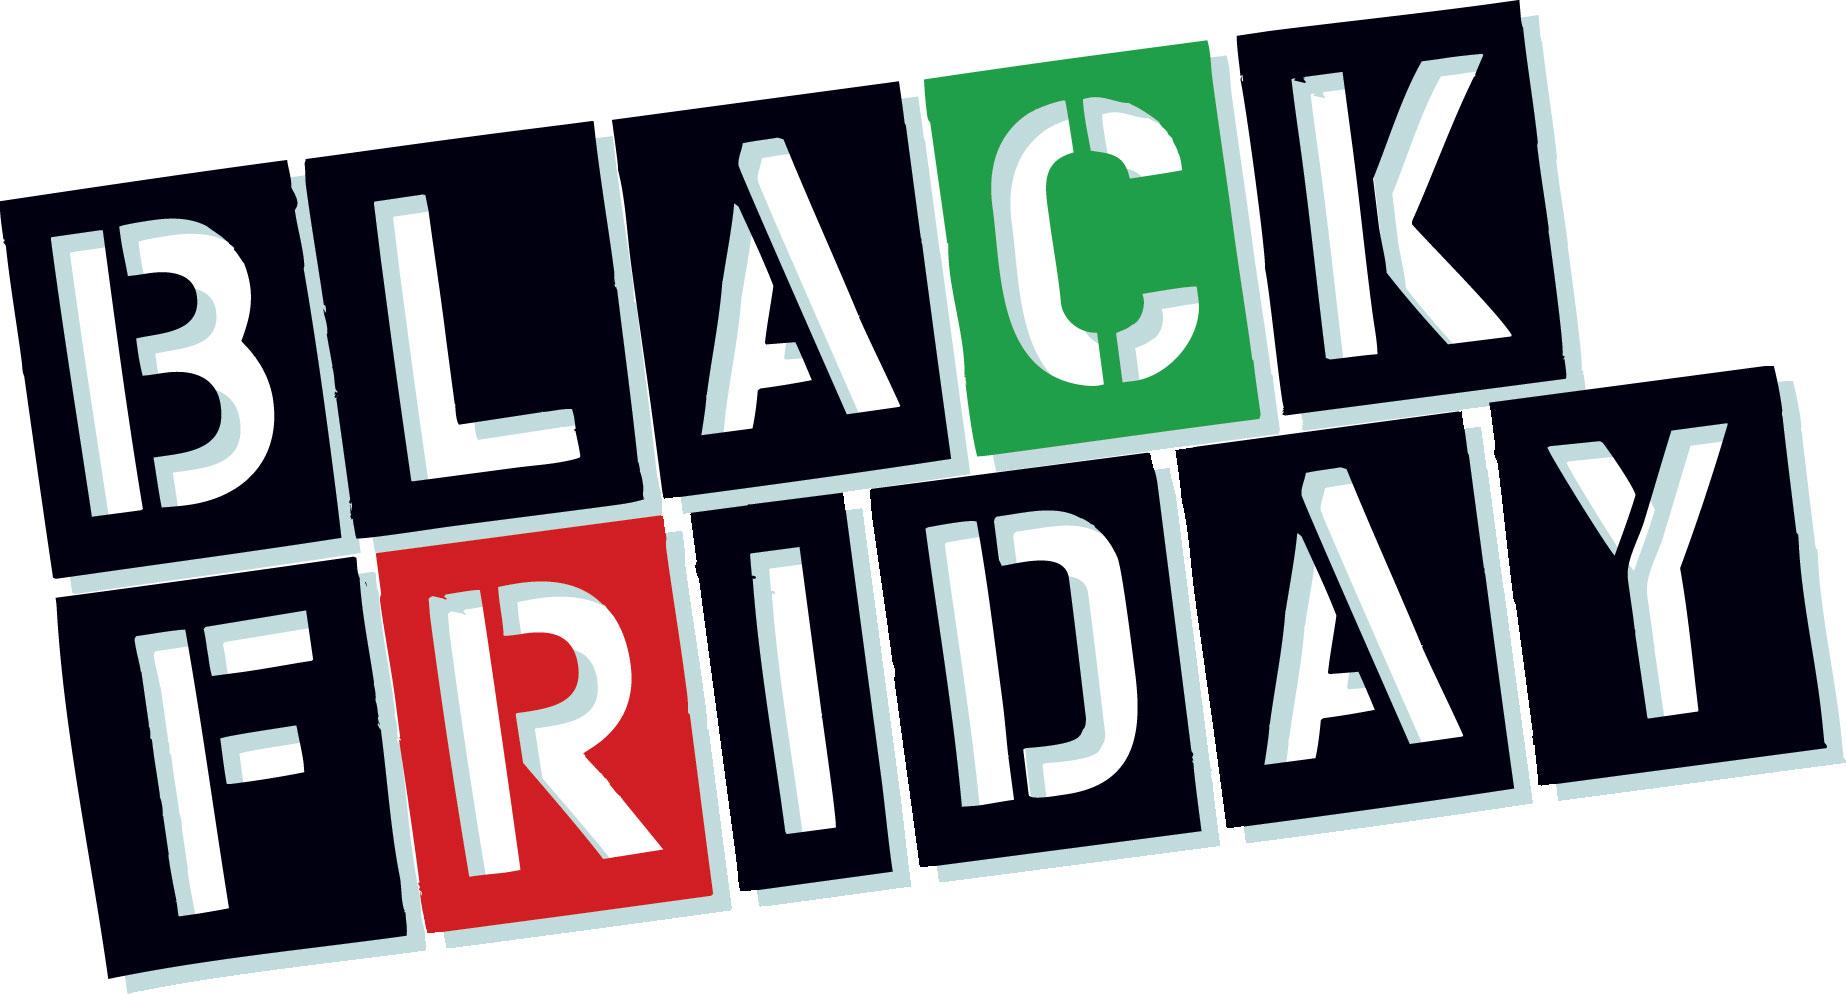 Black Friday en España: dónde encontrar los descuentos y consejos para afrontarlo